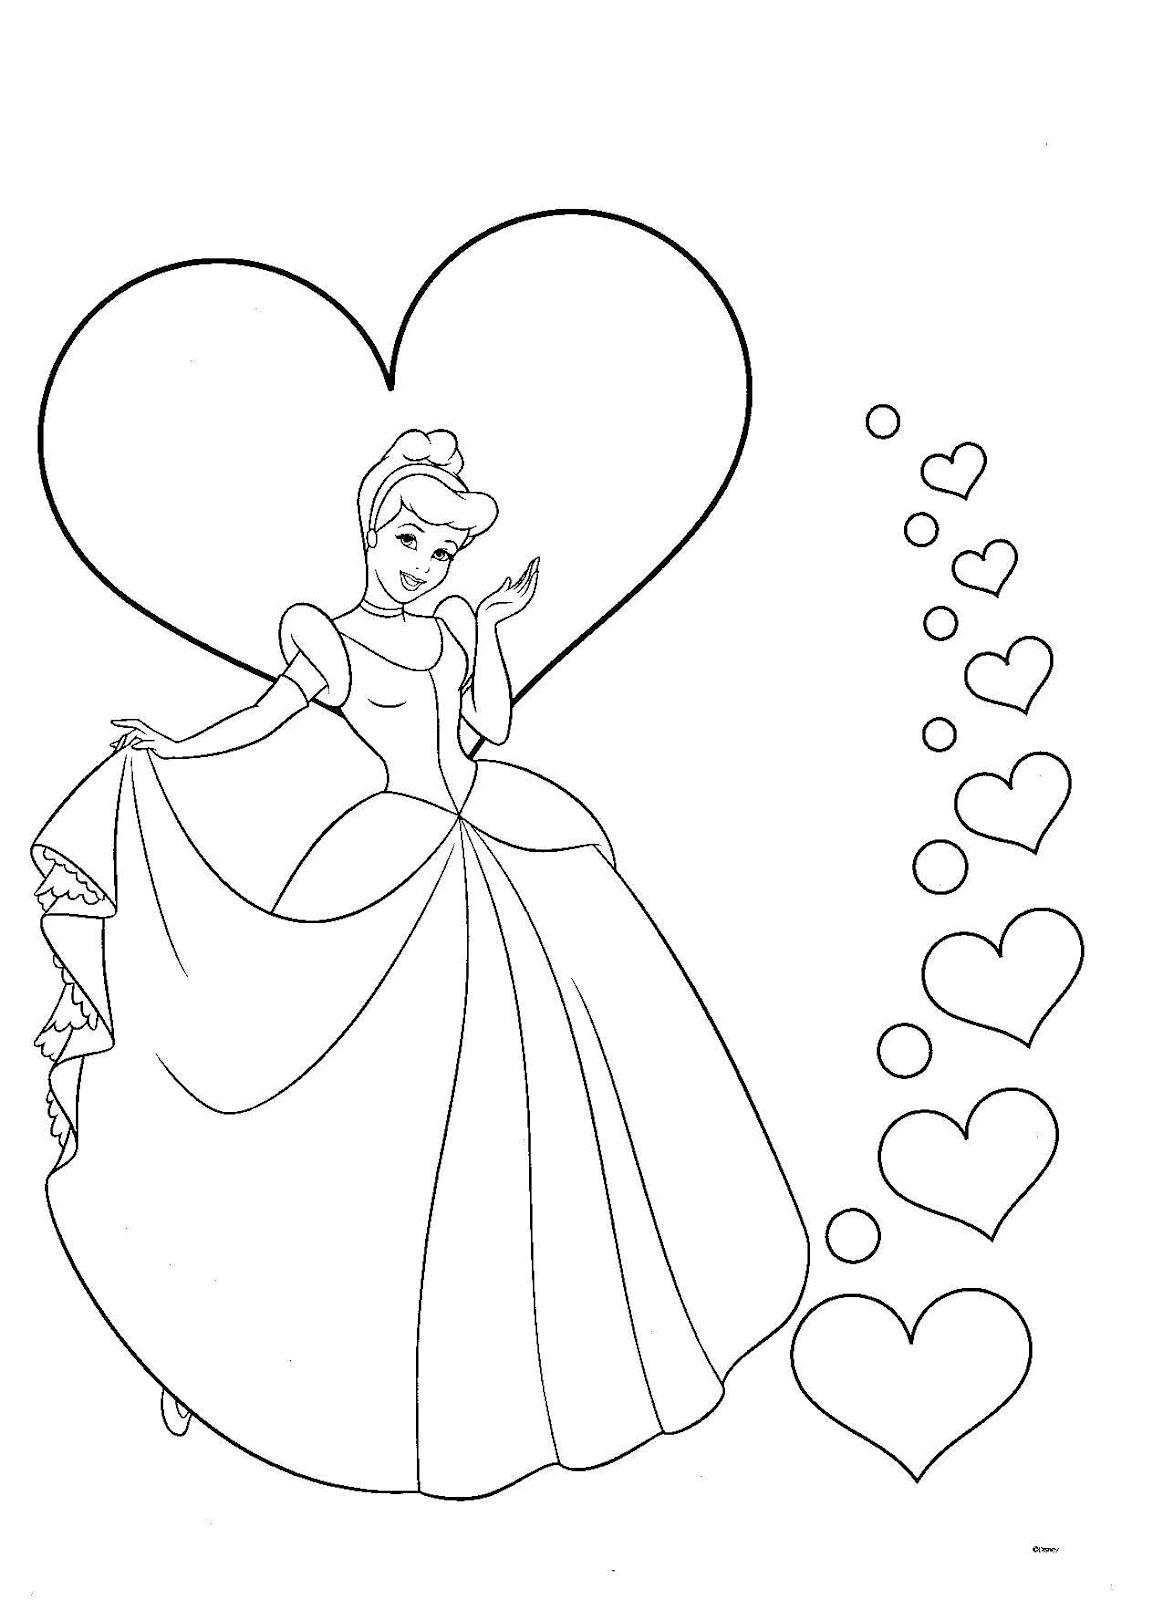 Dibujos Para Colorear Princesas Imprimir Dibujos De